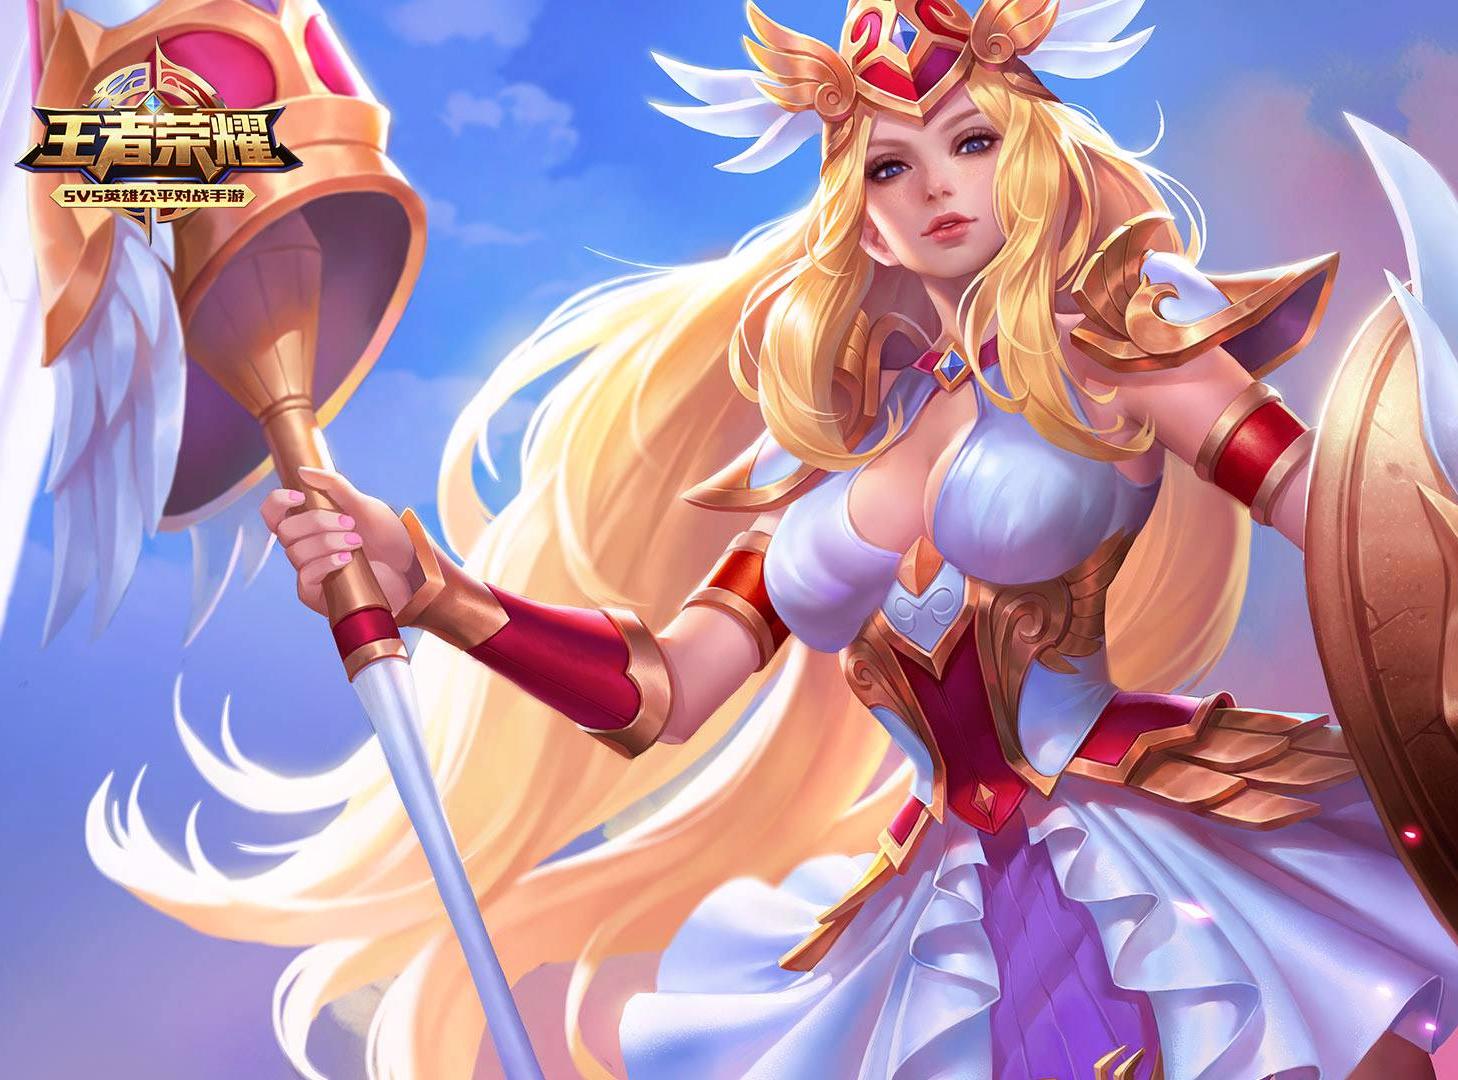 王者荣耀战争女神雅典娜cos